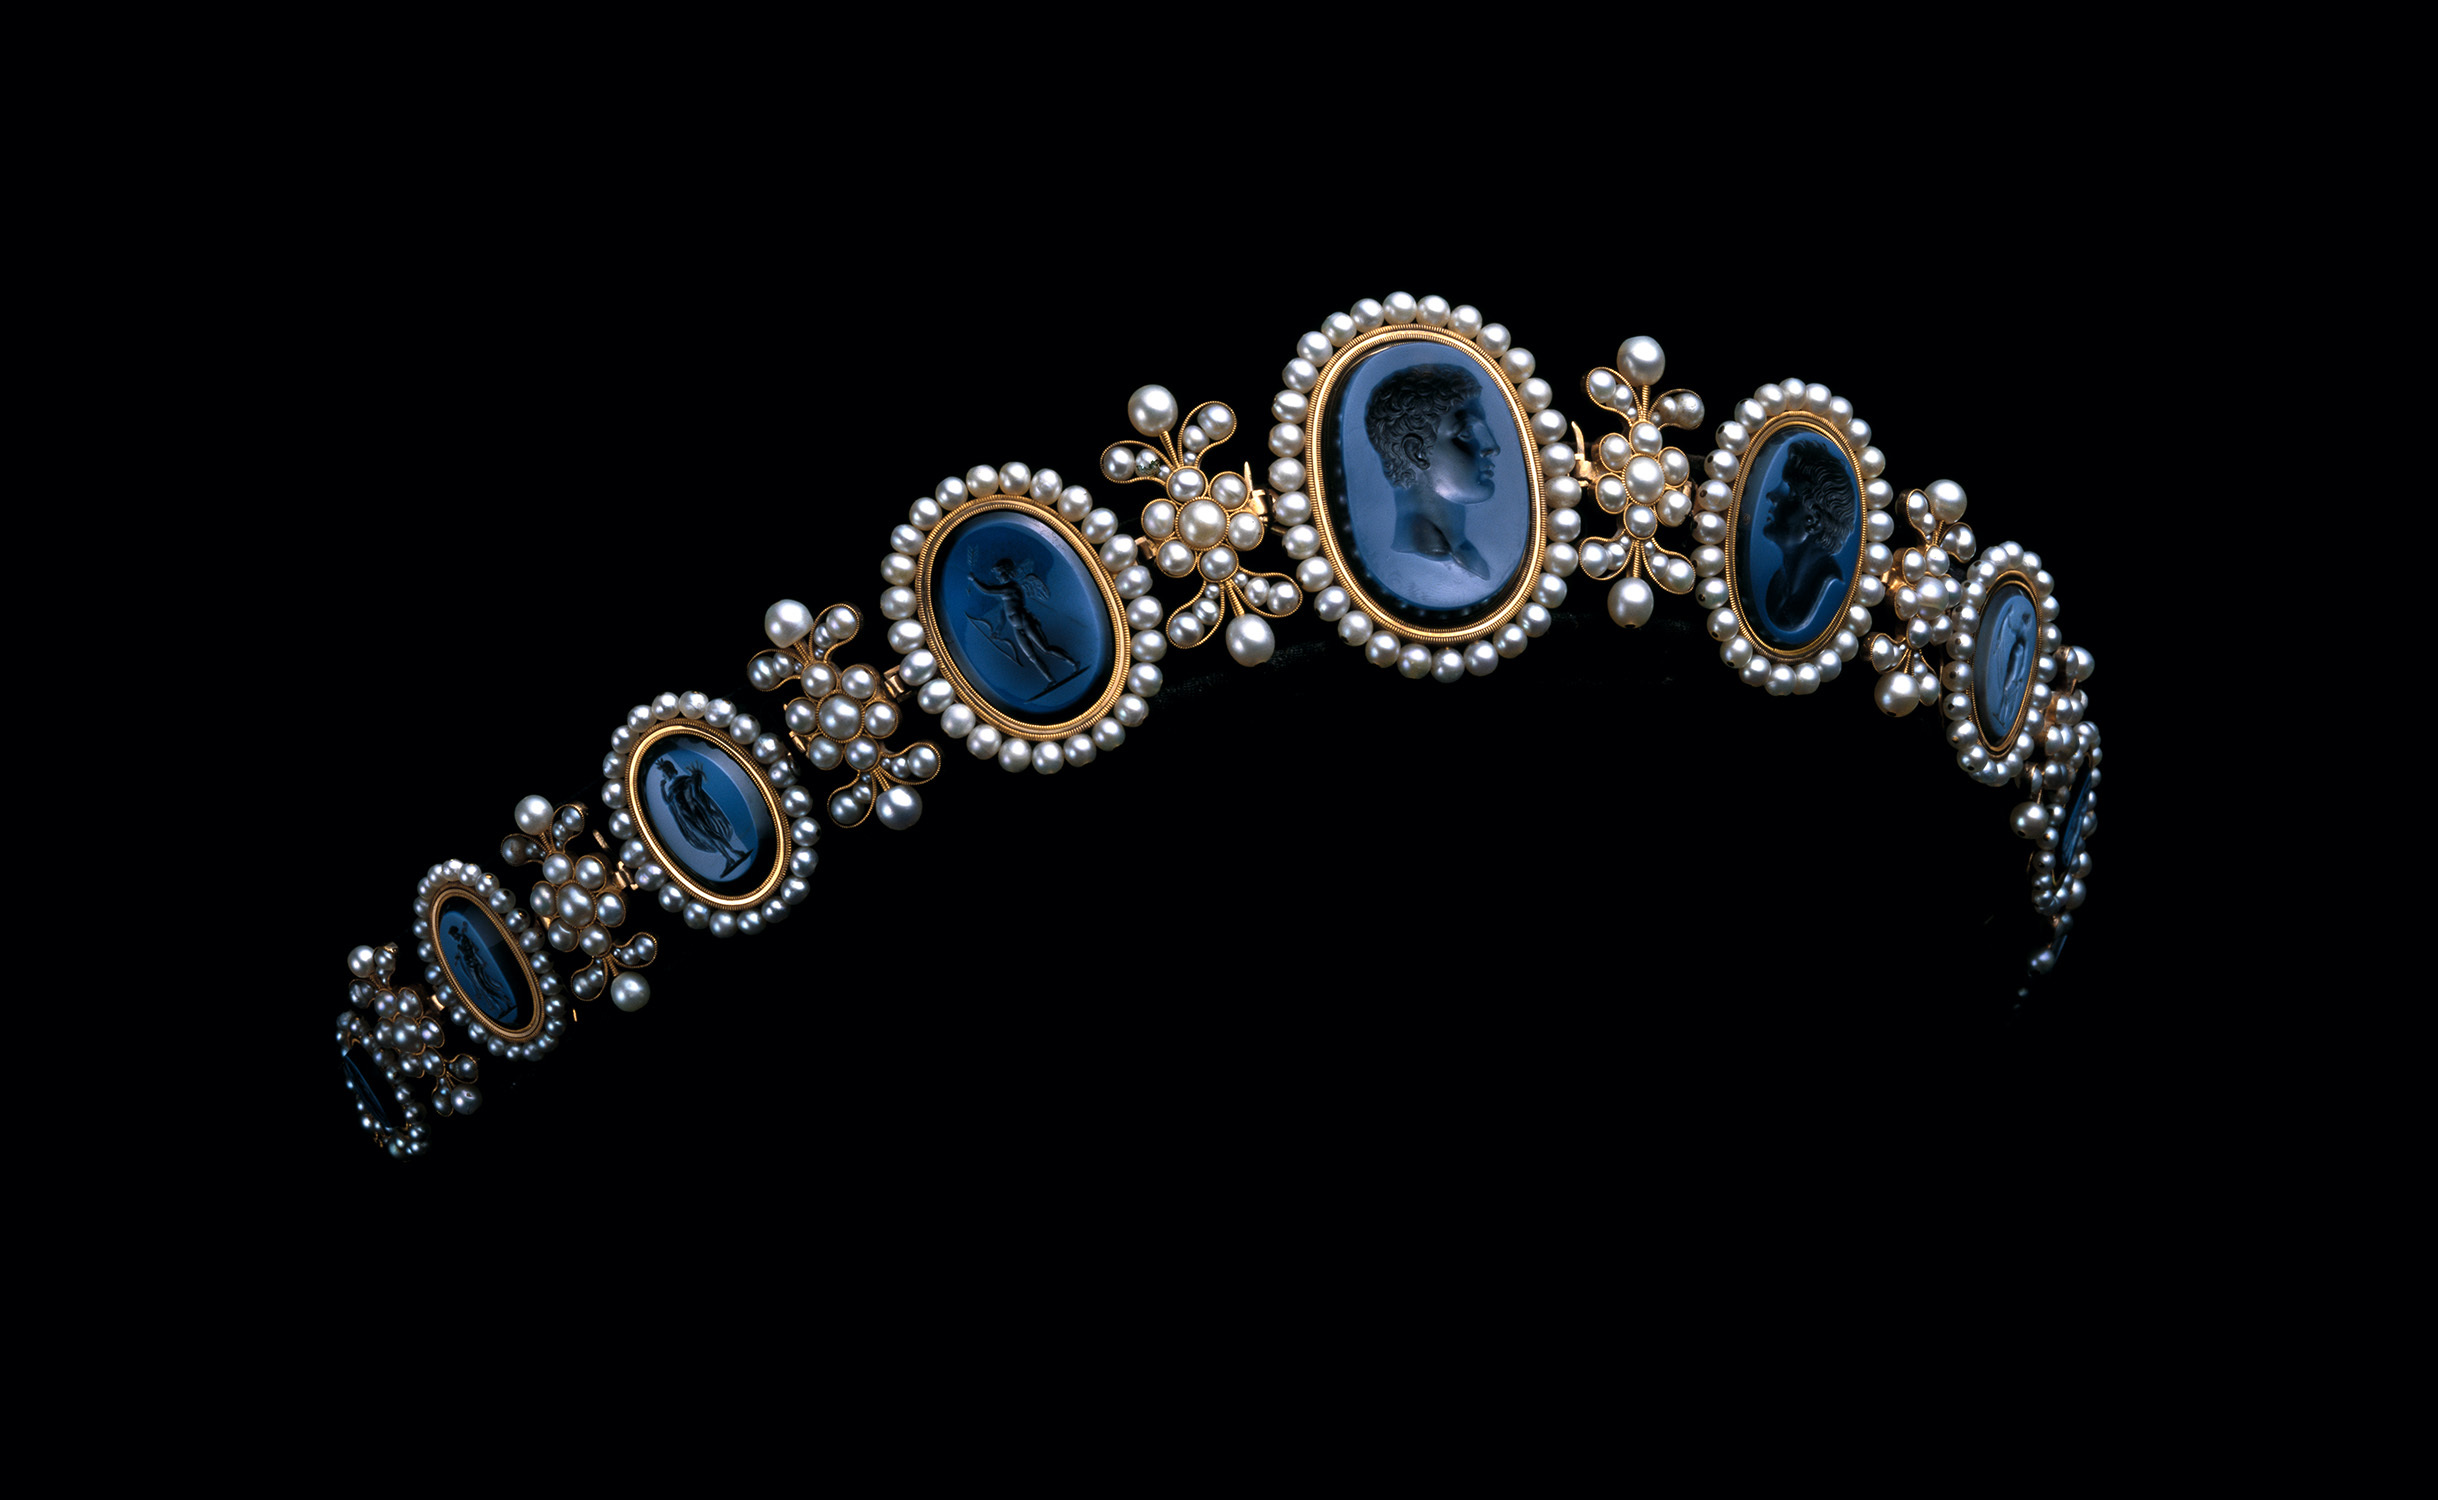 ニト・エ・フィスに帰属 《ナポリ王妃カロリーヌ・ミュラのバンドー・ティアラ》 1810年頃 ゴールド、真珠、ニコロアゲート ミキモト (C) Droits réservés